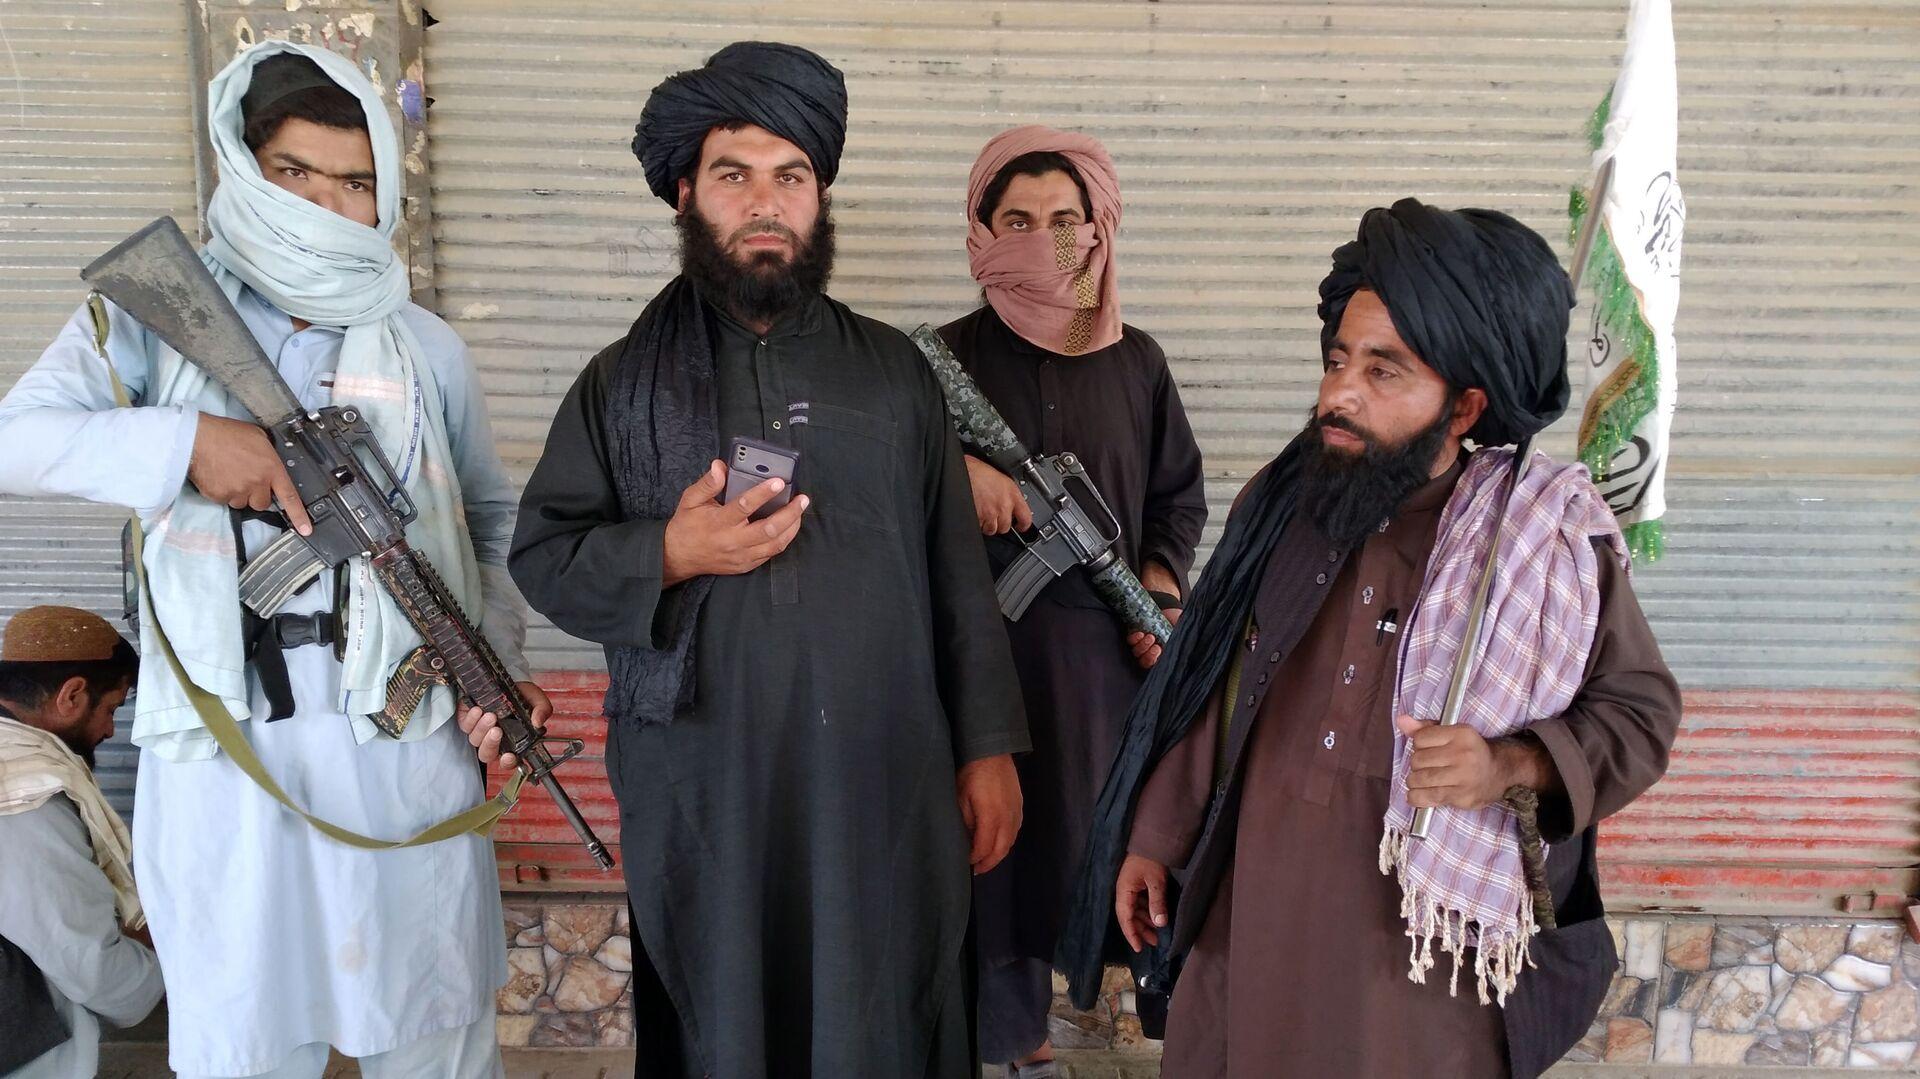 Combattenti talebani (organizzazione terroristica vietata in Russia) pattugliano le strade della città di Farah, la capitale della provincia di Farah, a sud-ovest di Kabul, in Afghanistan - Sputnik Italia, 1920, 21.08.2021